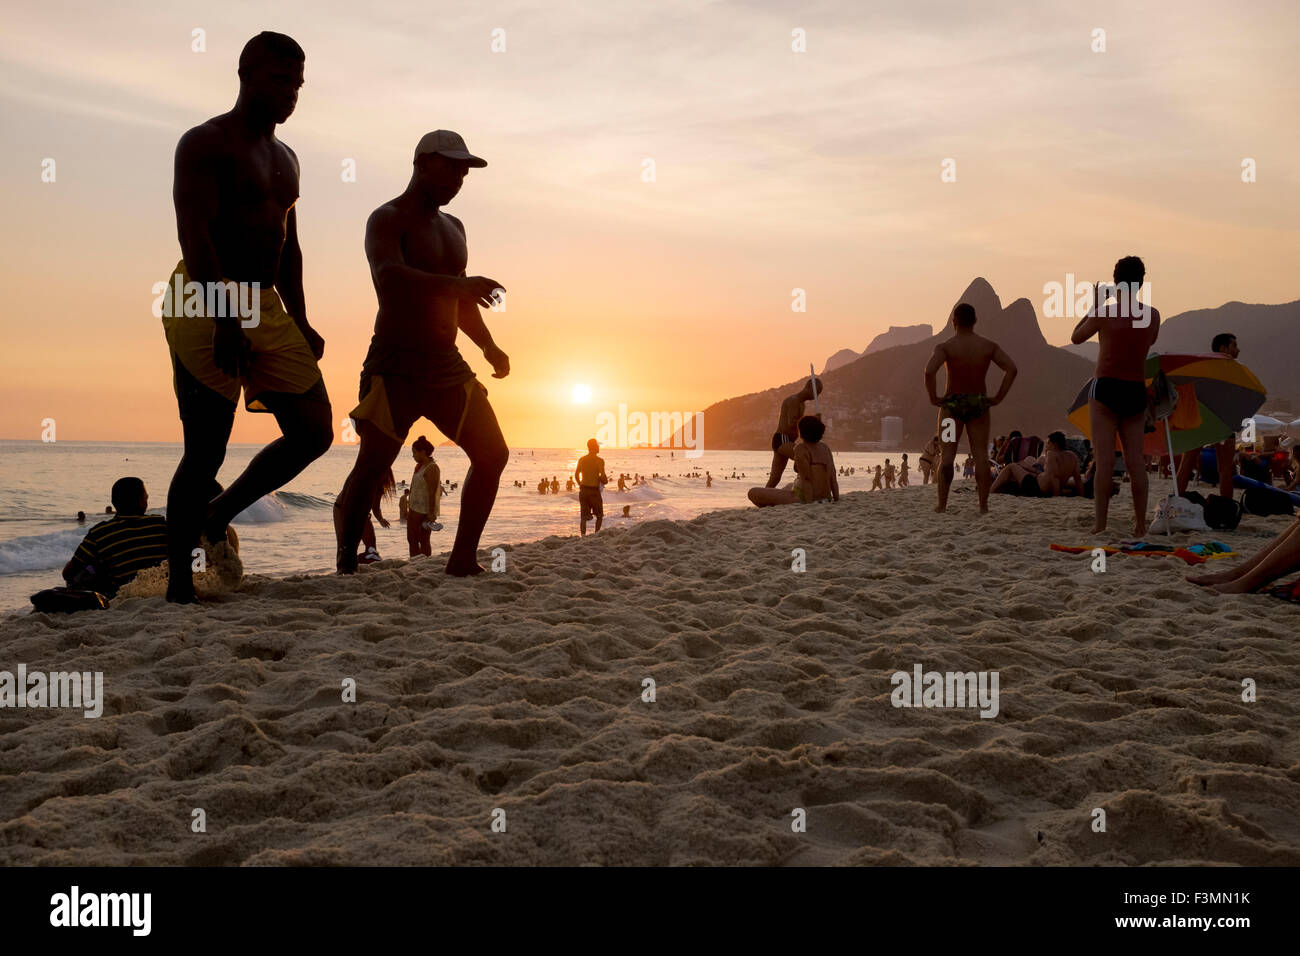 RIO DE JANEIRO, Brasile - 21 febbraio 2014: sagome di persone a piedi lungo la spiaggia di Ipanema al tramonto. Immagini Stock